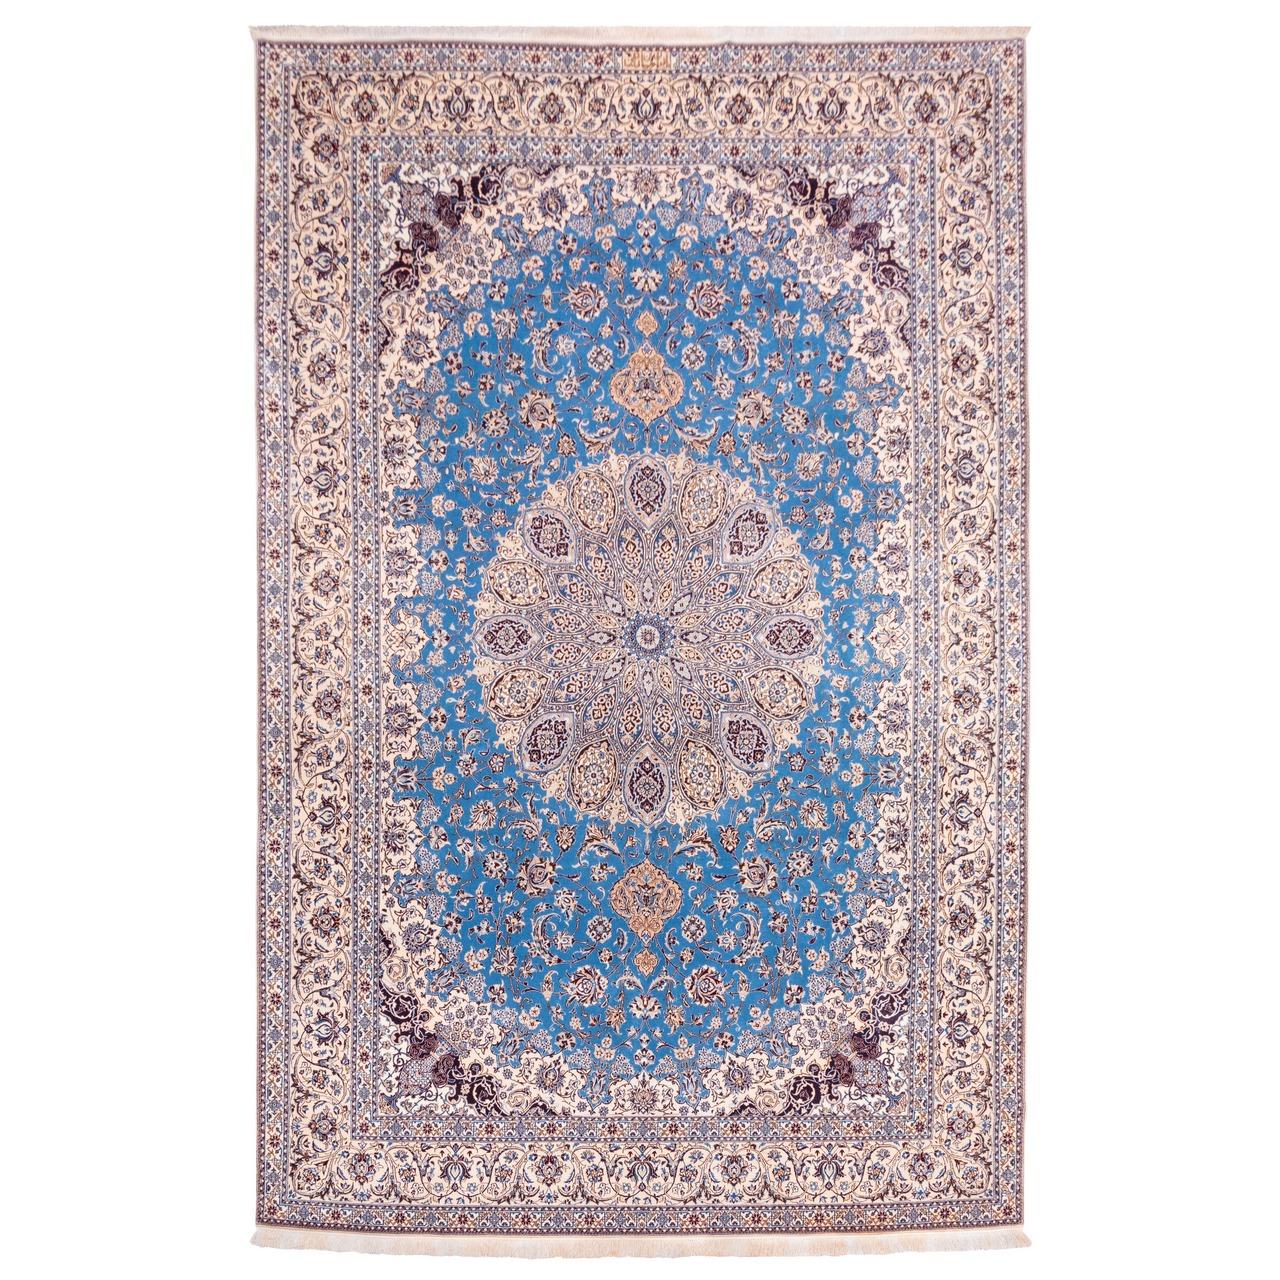 فرش دستبافت قدیمی شش و نیم متری سی پرشیا کد 174462